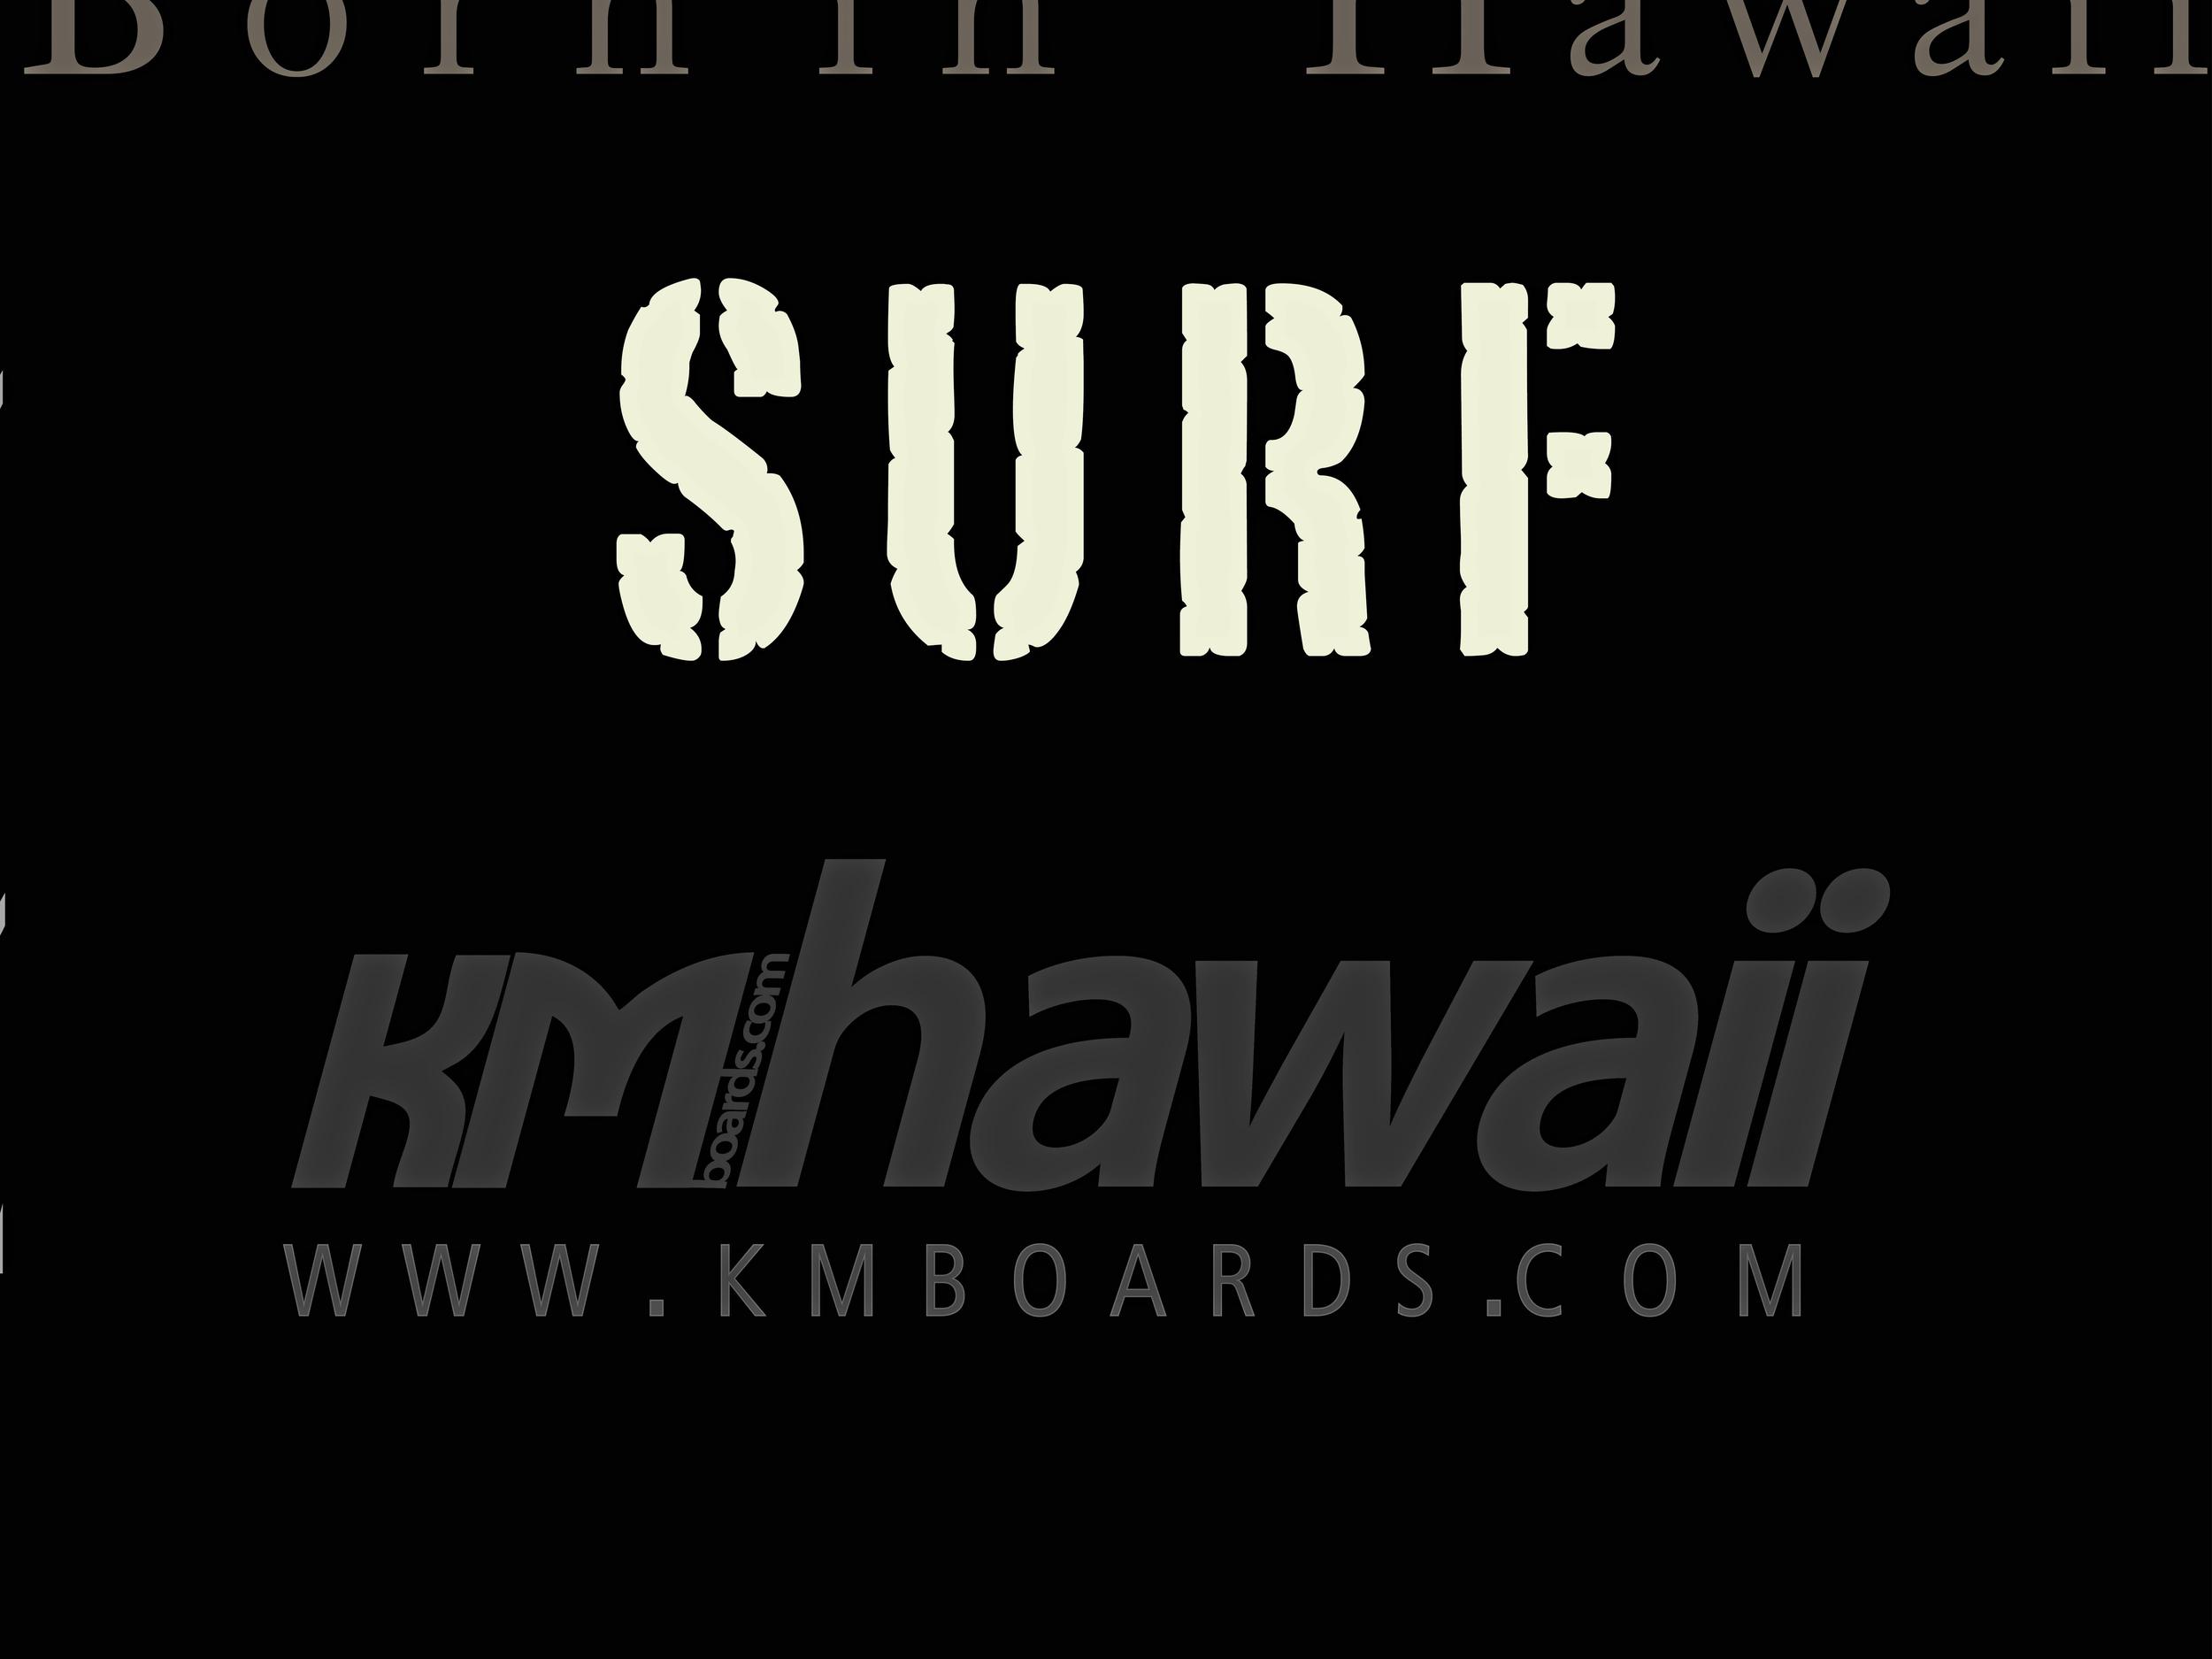 SURF inside-Draft Nov 12-1.jpg